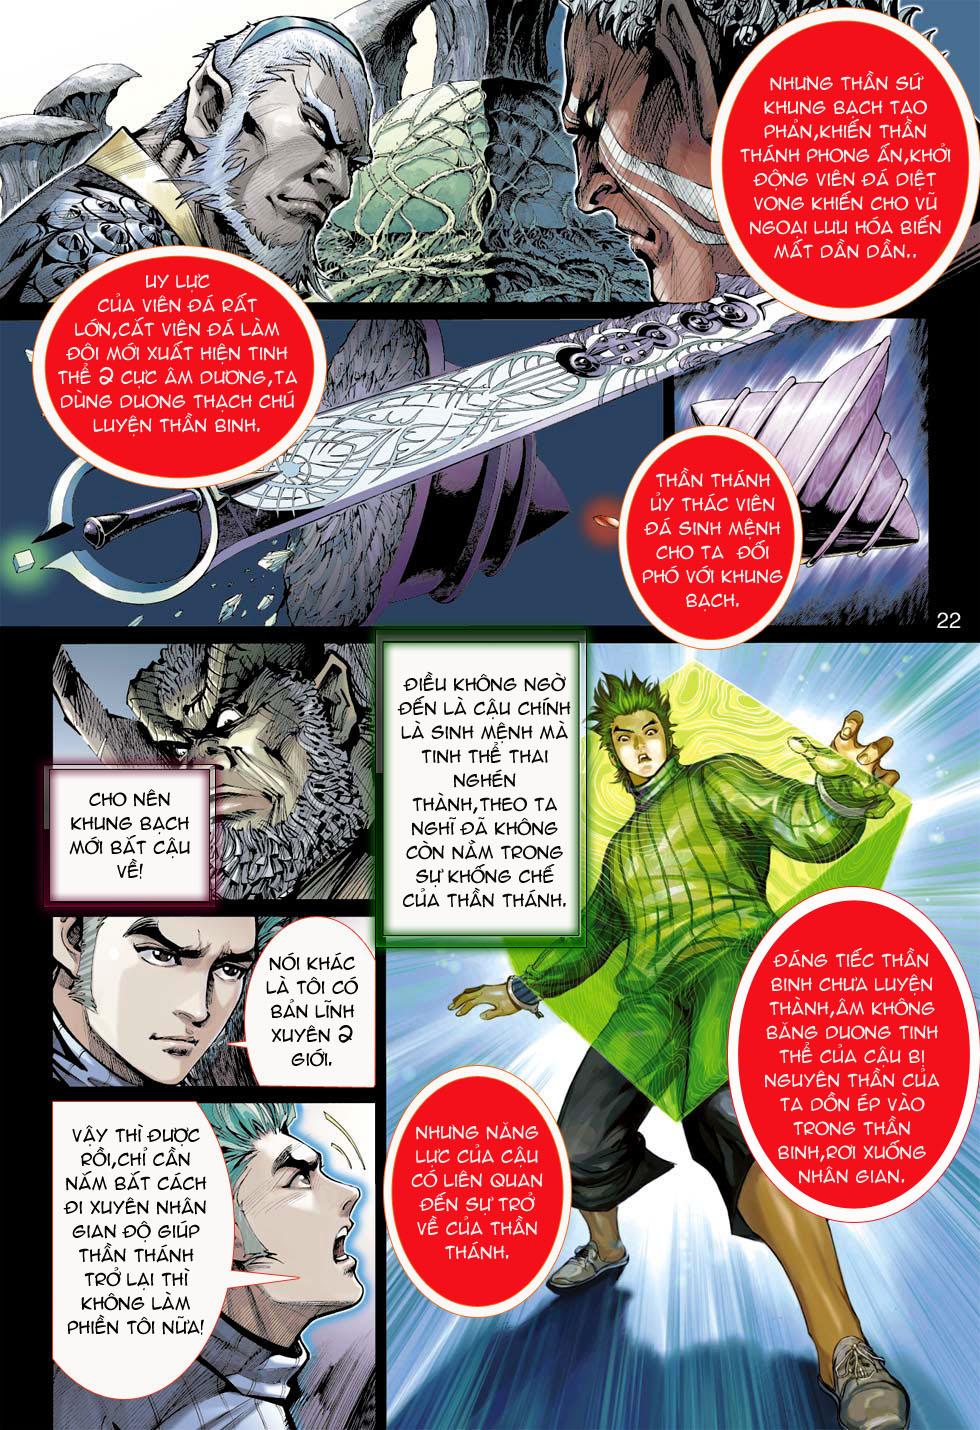 Thần Binh 4 chap 8 - Trang 22